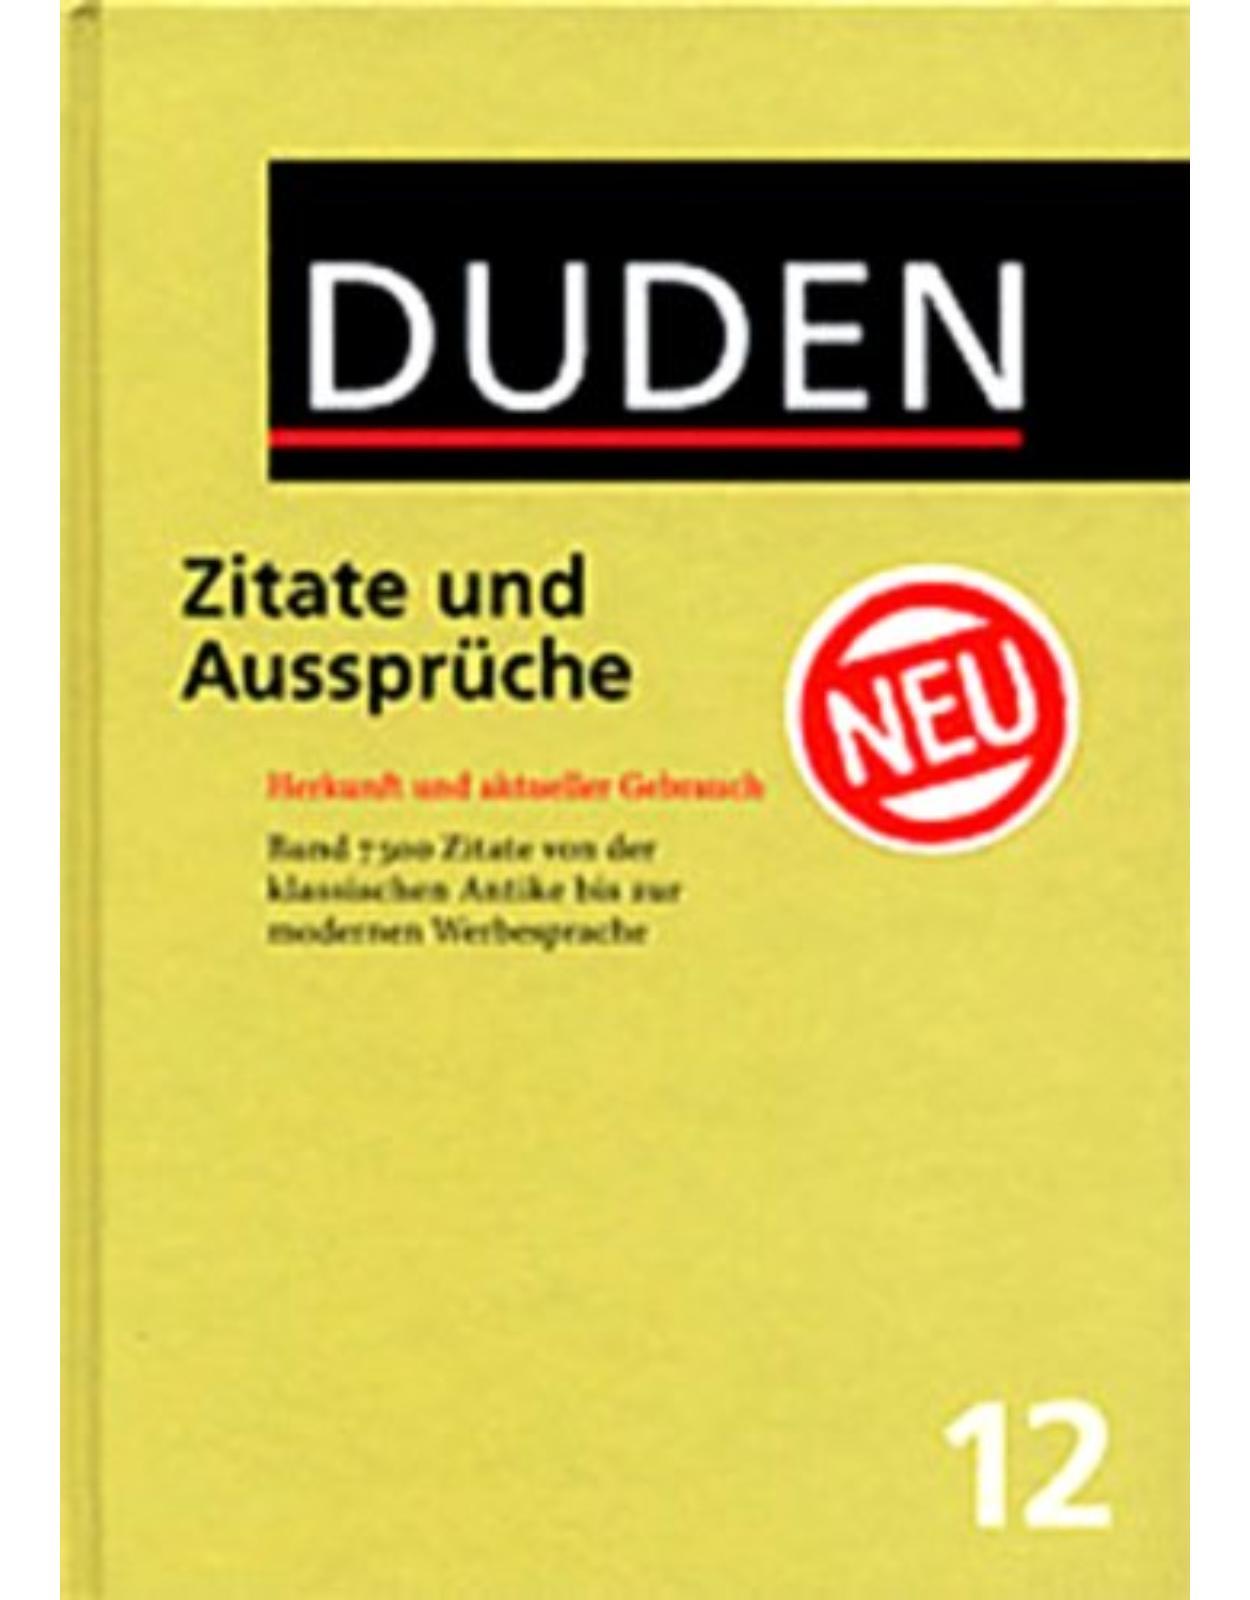 Der Duden in 12 Bänden - Band 12   Zitate und Aussprüche